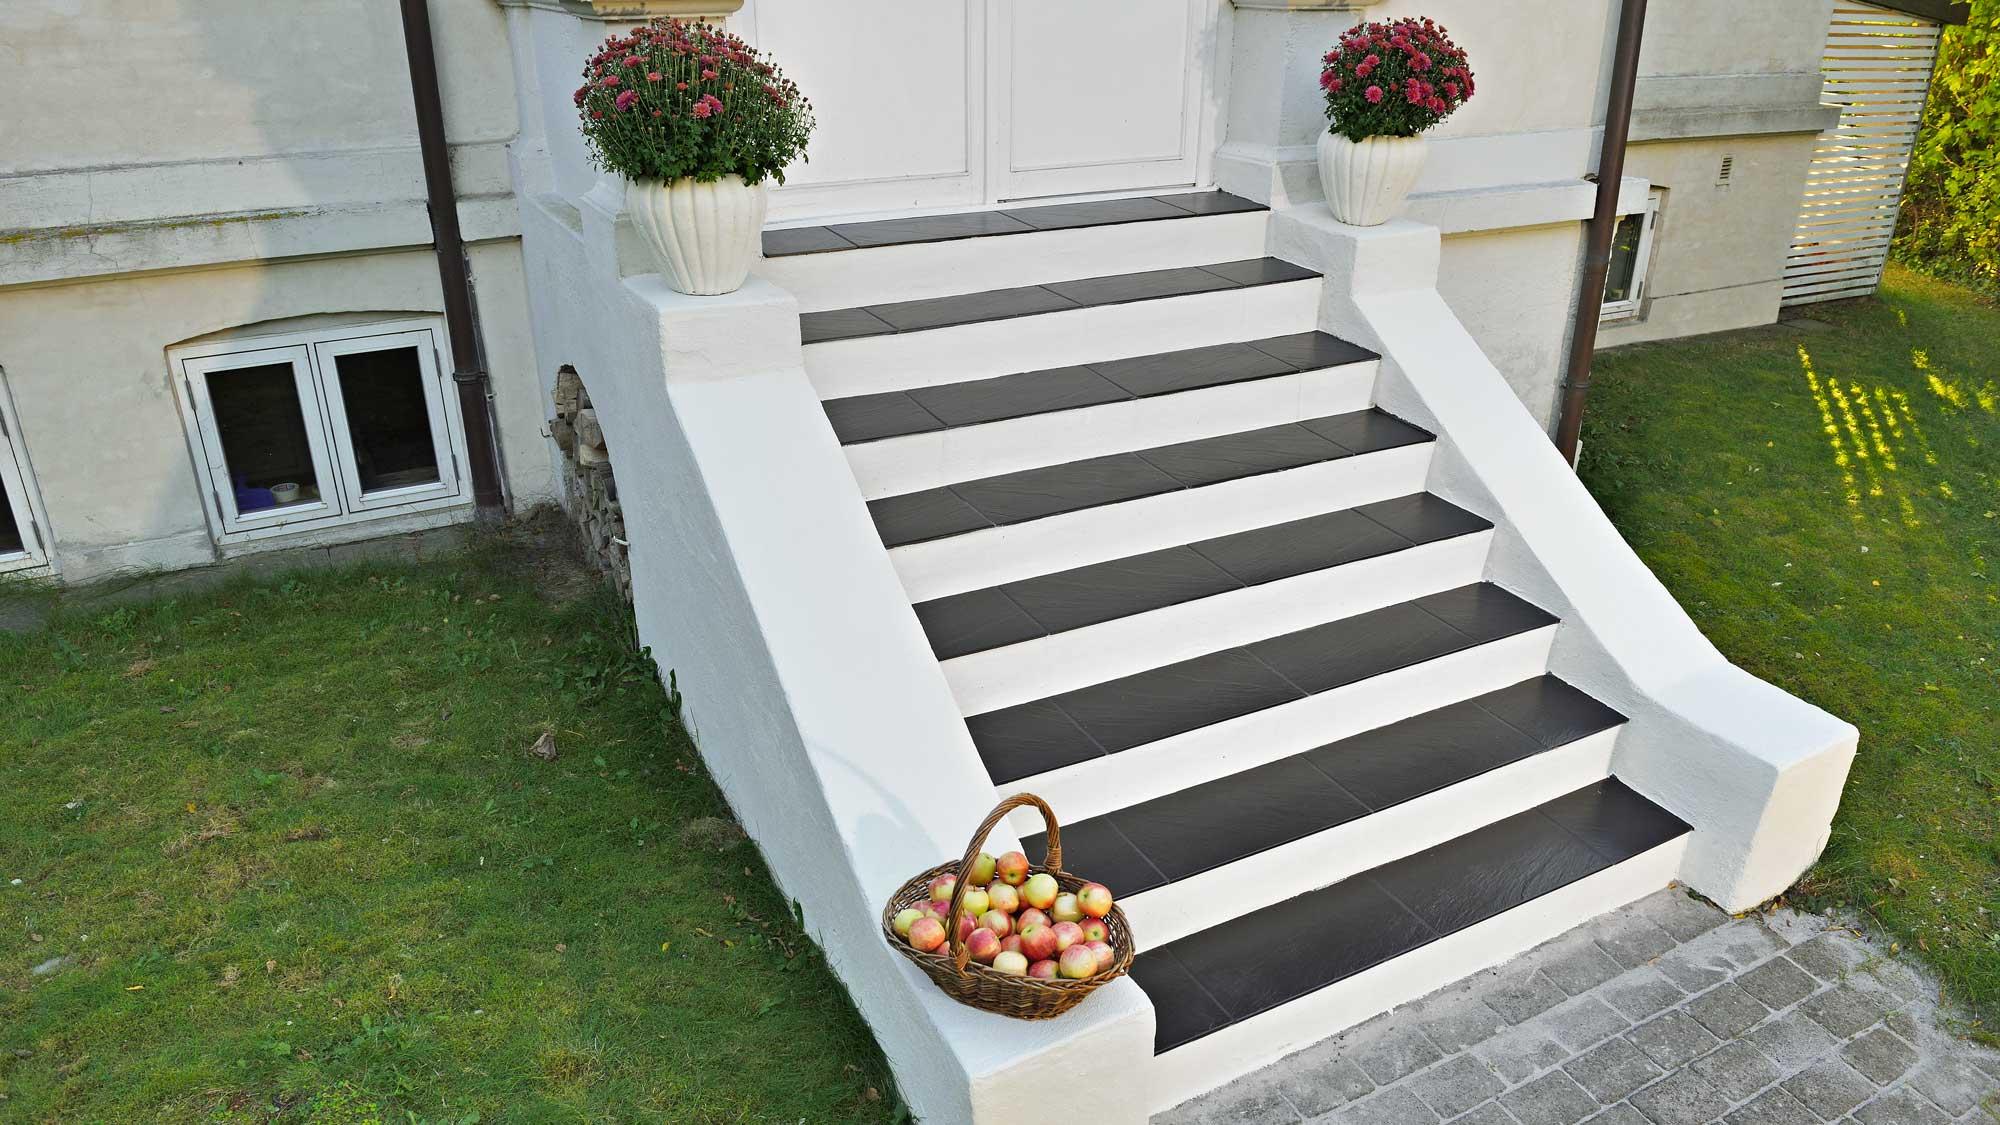 Rivestimento scale esterne con piastrelle | Preparazione e posa fai da te